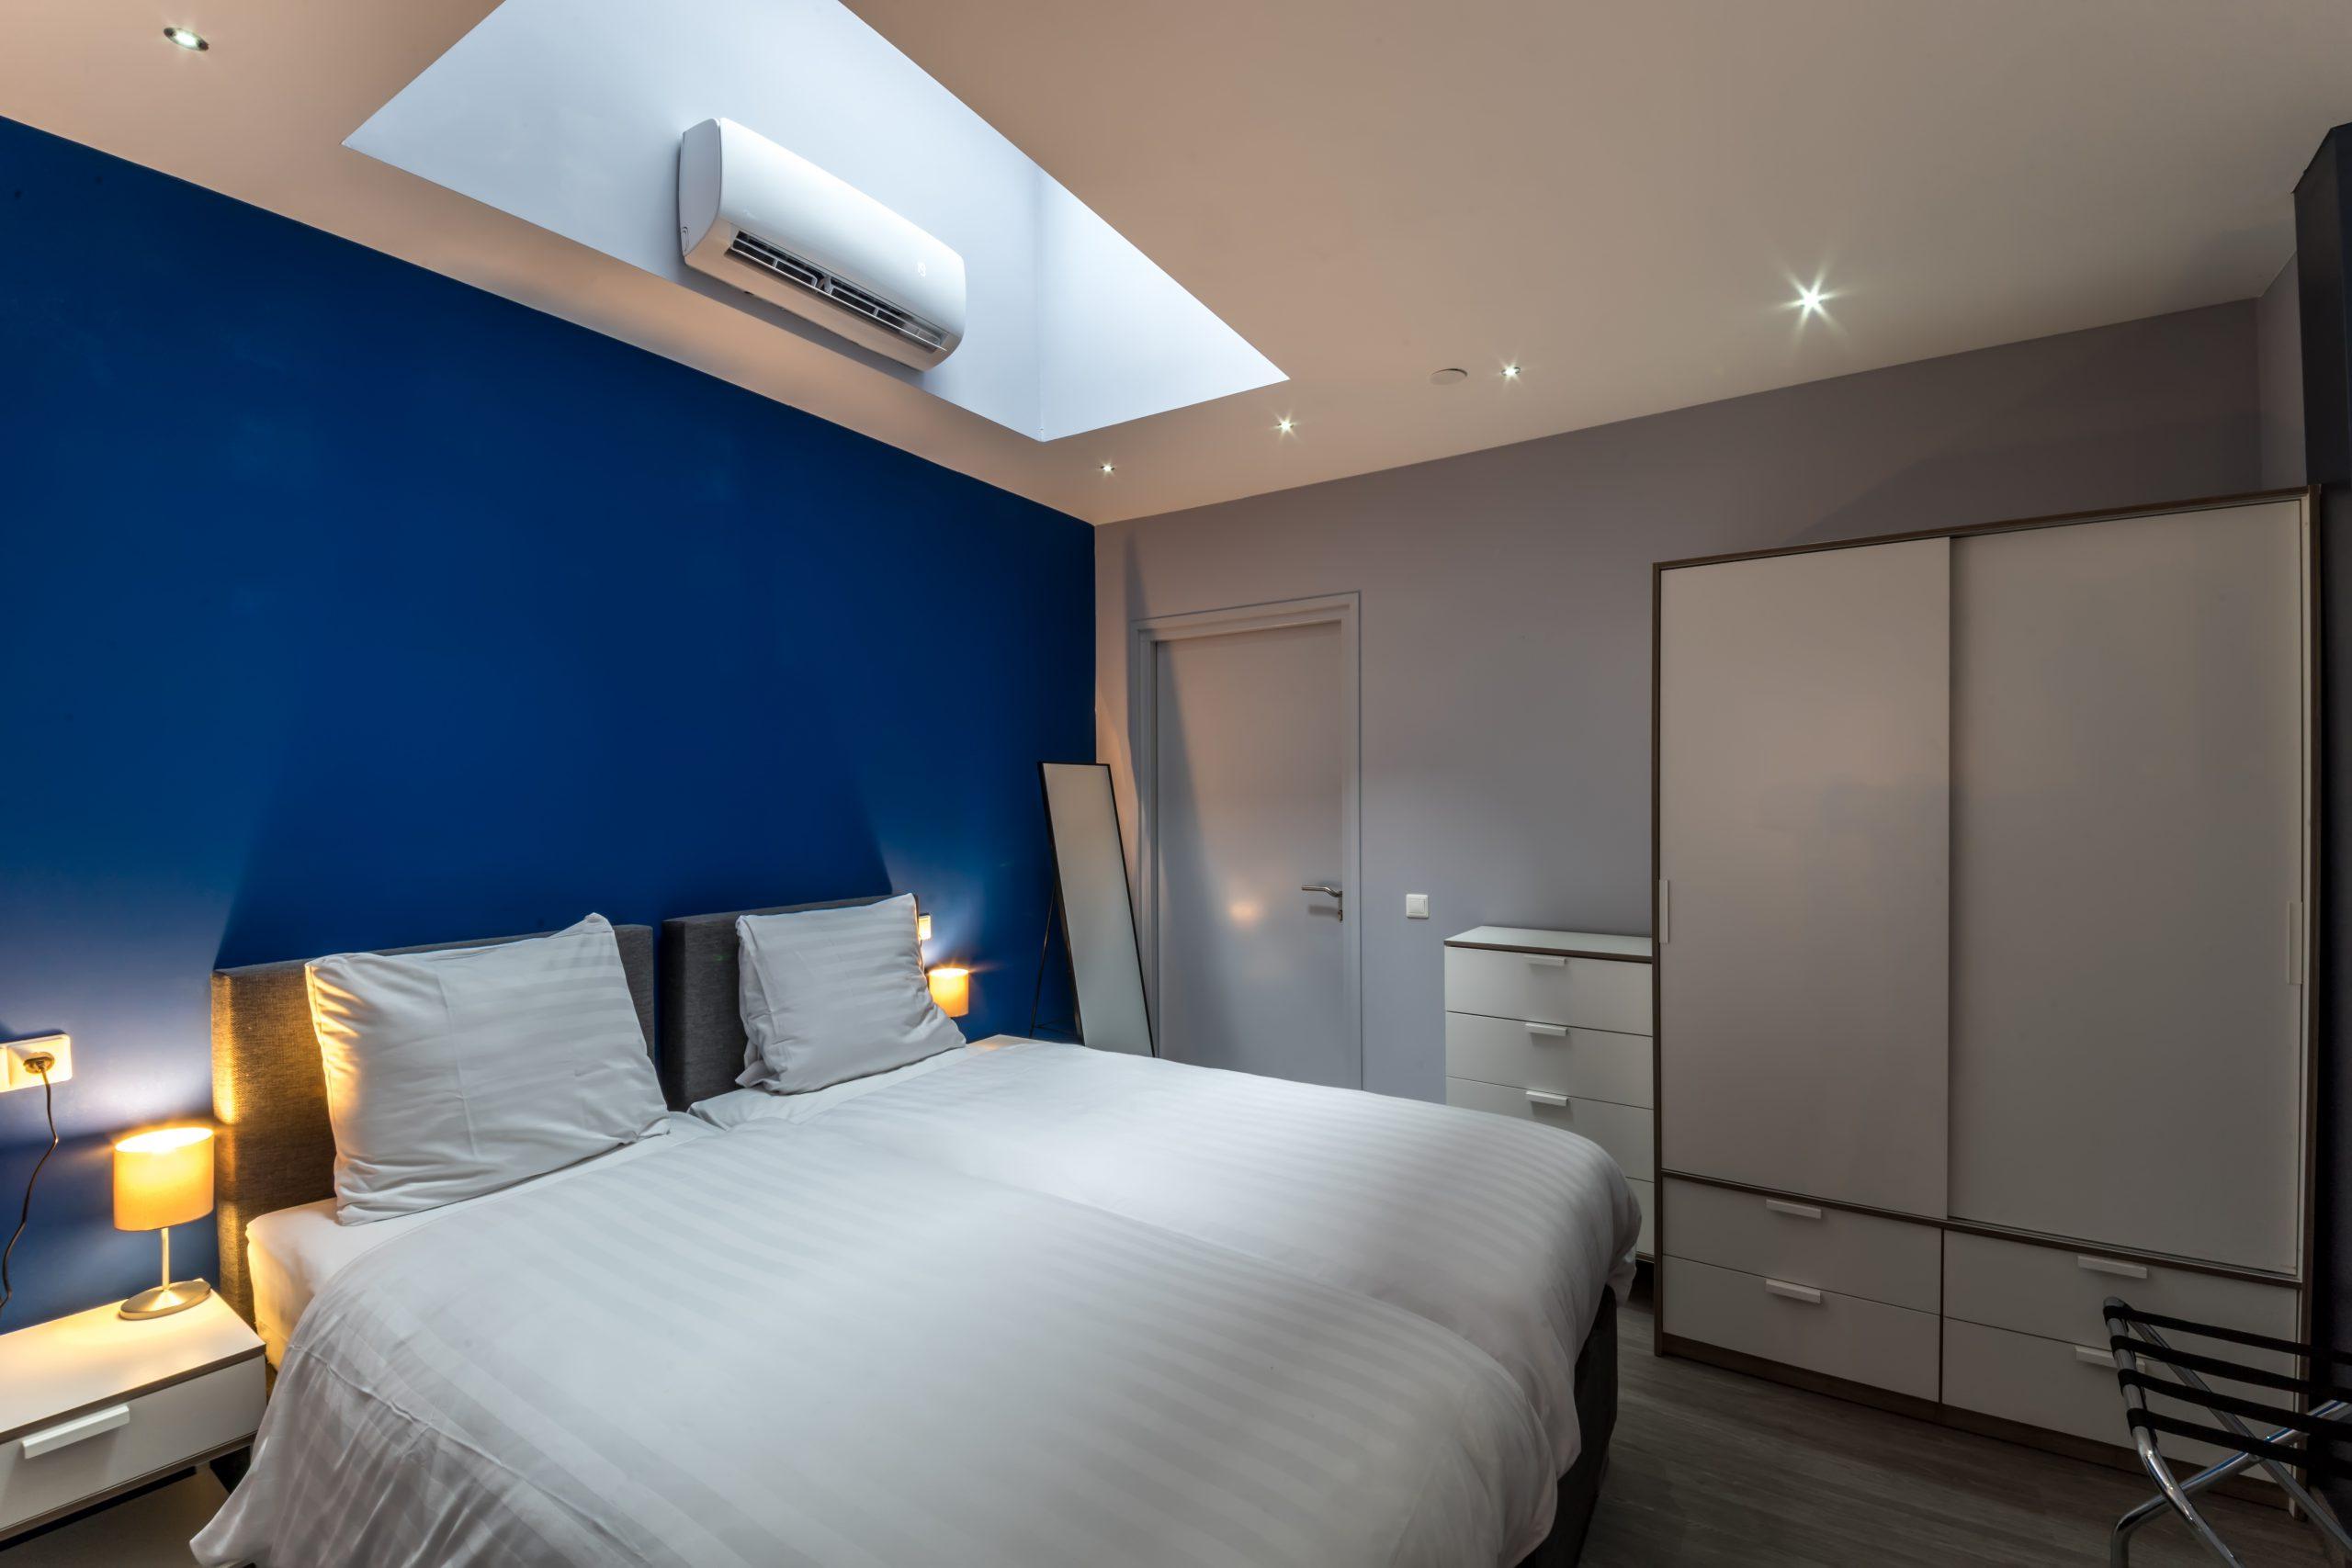 Slaapkamer-sleepingroom-schlafzimmer-Jacob-van-Ruisdael-Relaxed-Slapen-2